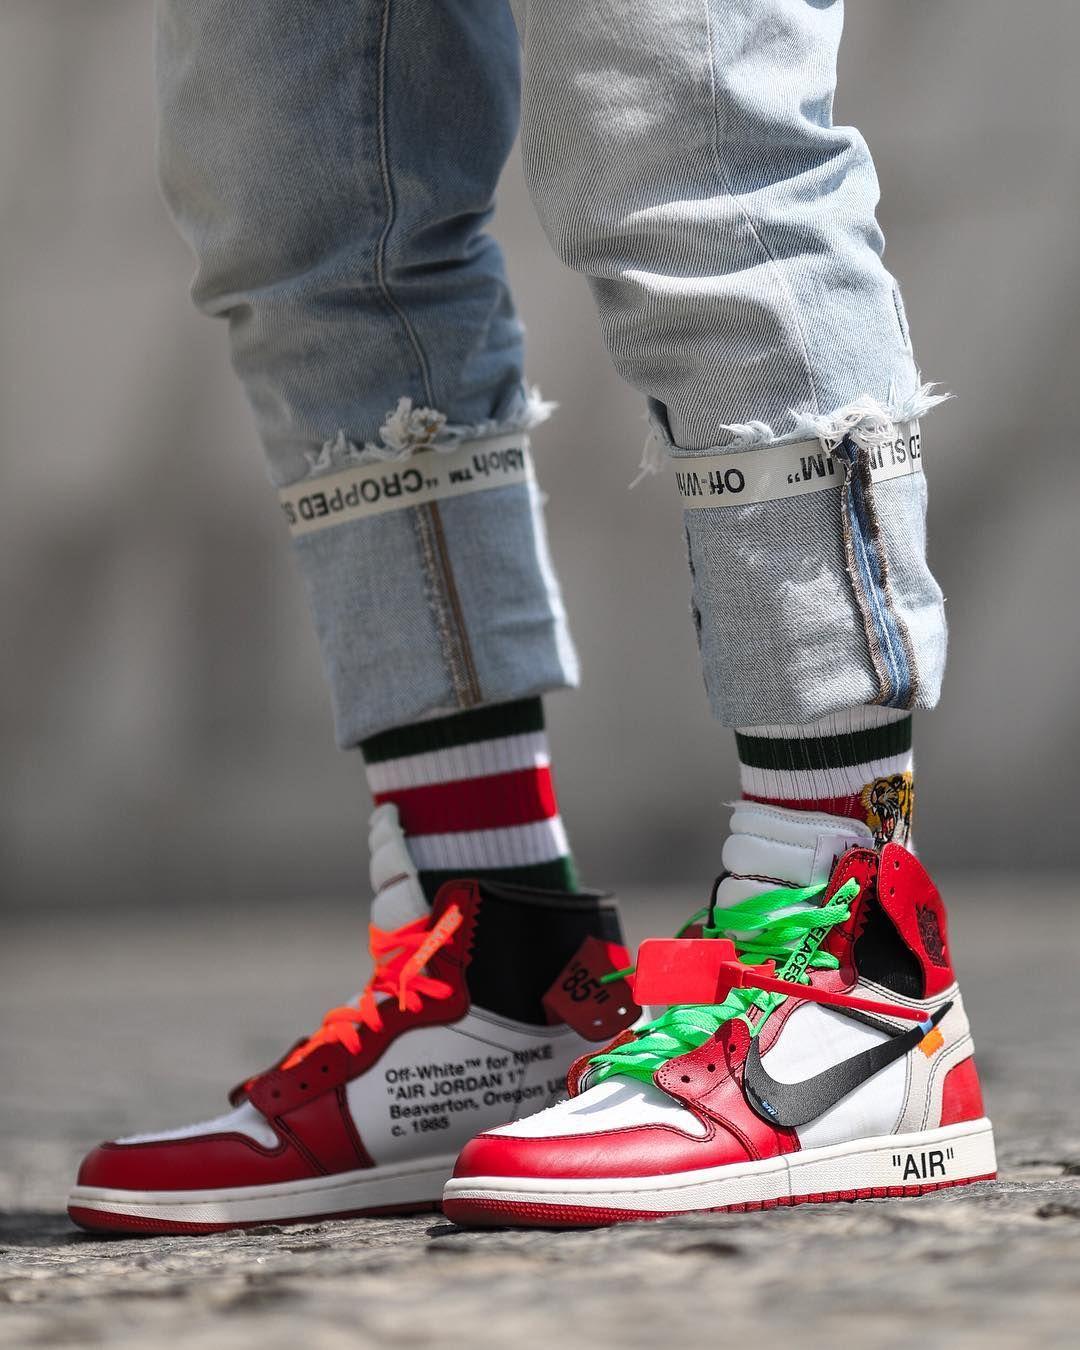 Off White Air Jordan 1 Sneakers Men Fashion Sneakers Sneakers Fashion